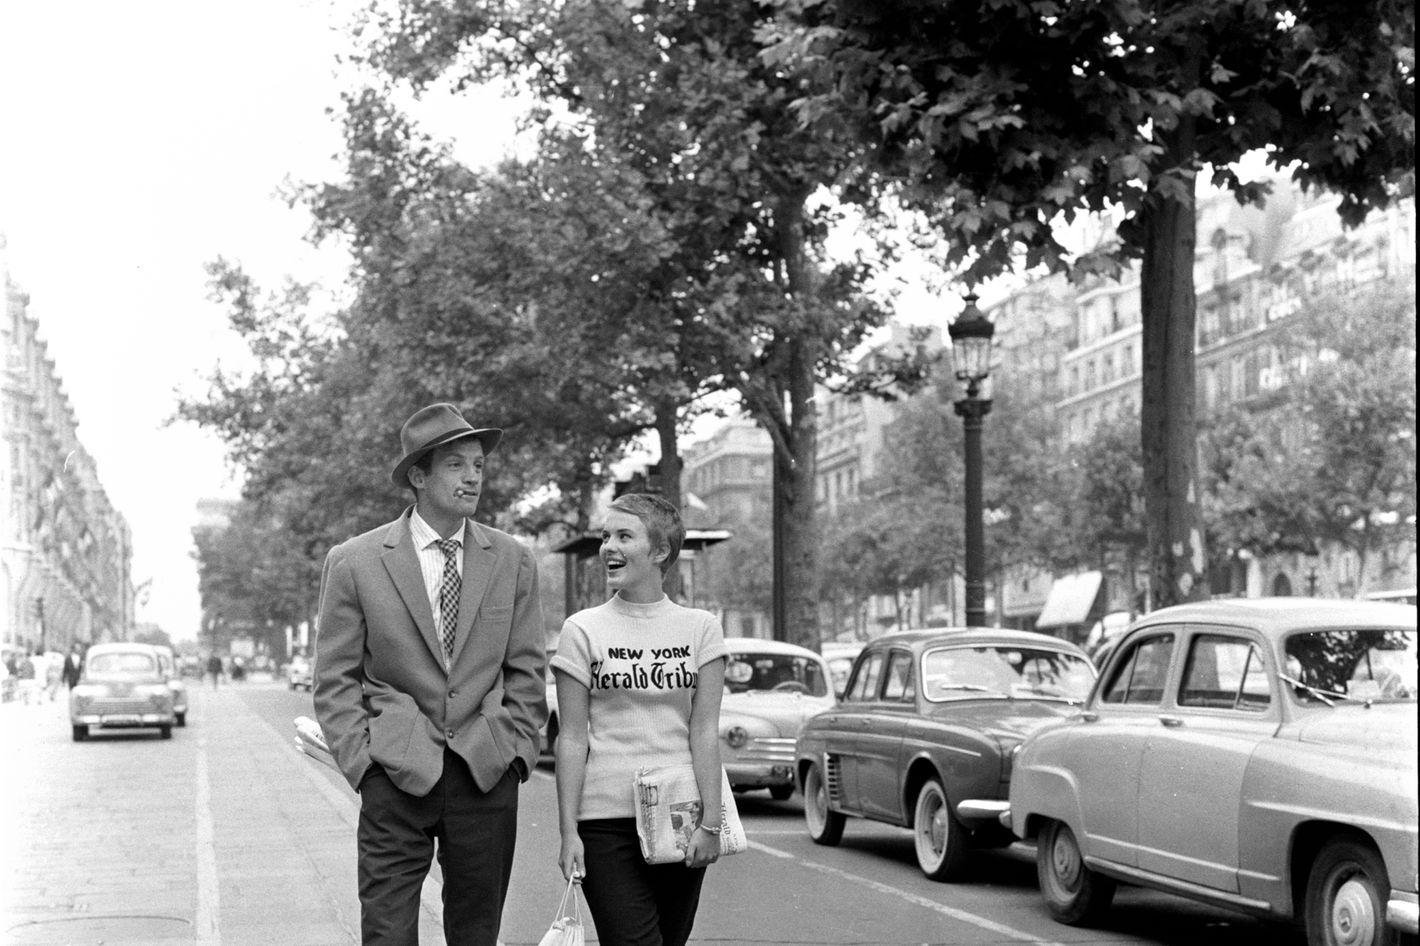 A BOUT DE SOUFFLE (1960) / BREATHLESS (1961) Directed by Jean-Luc Godard